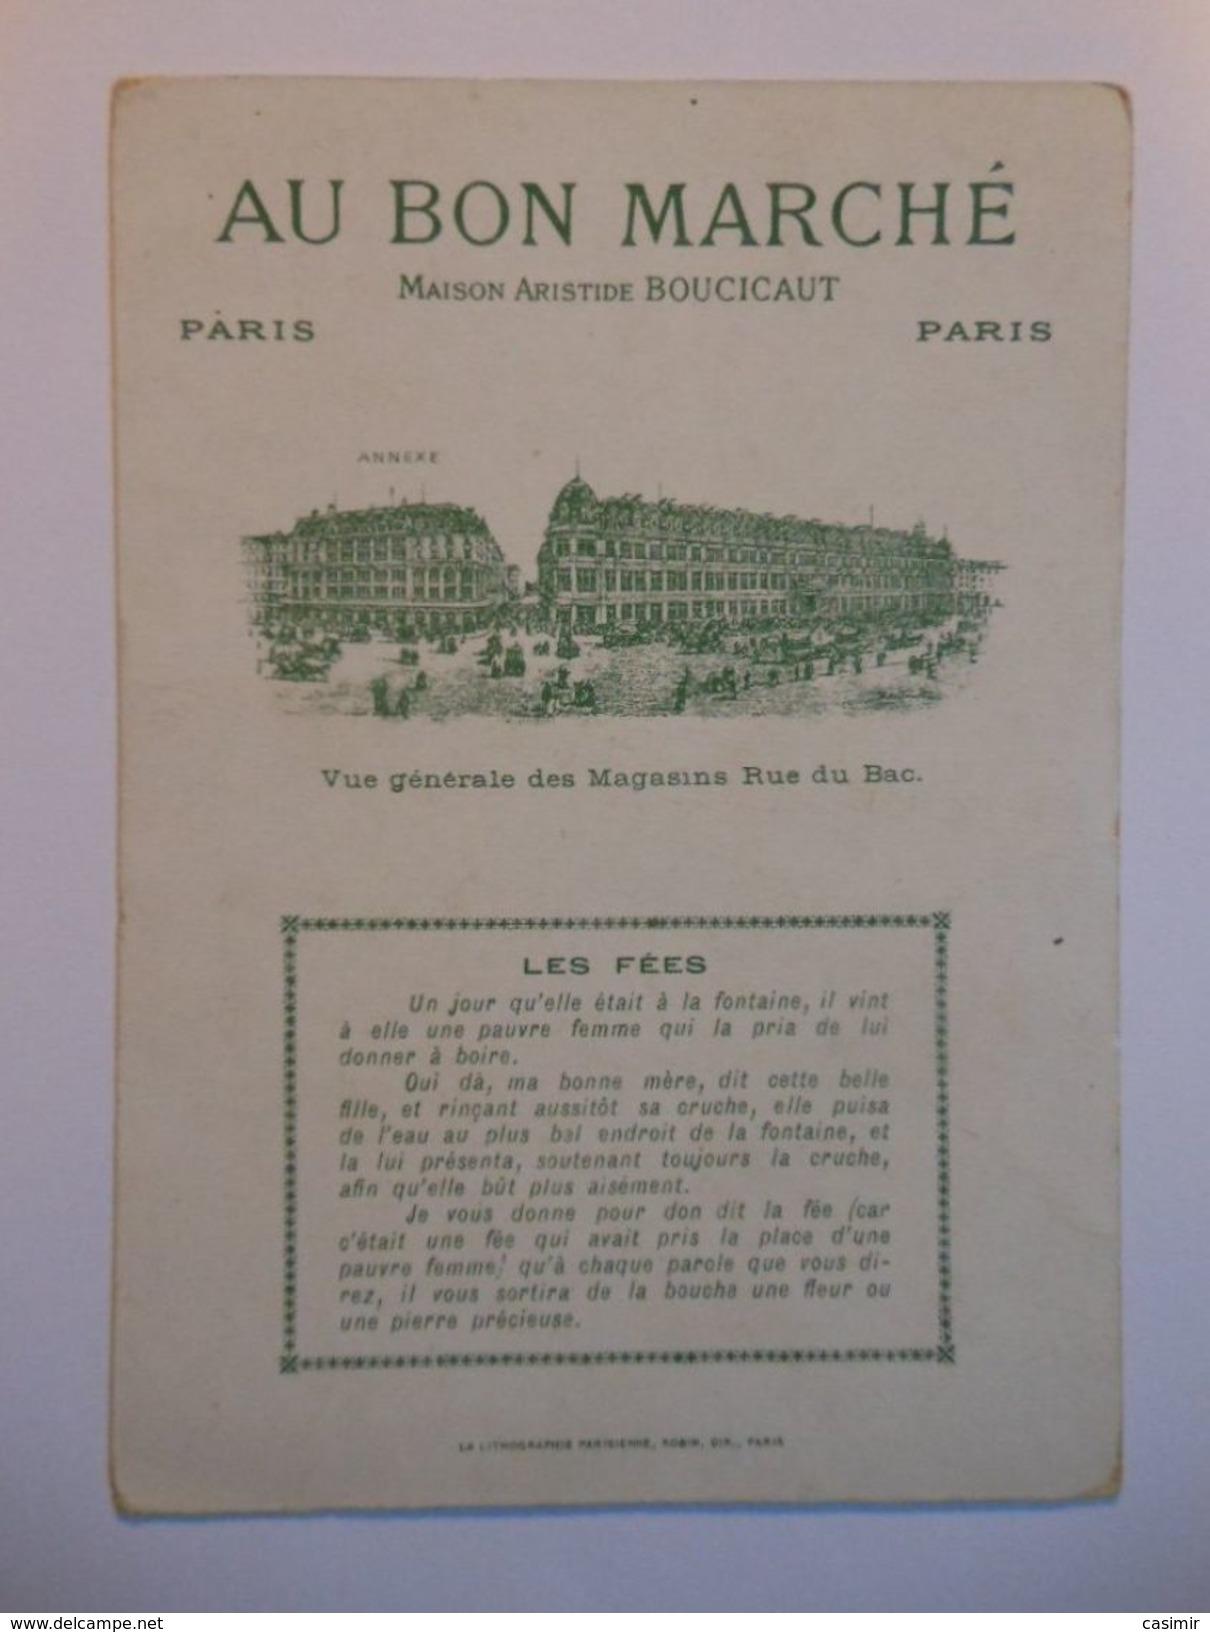 B0048b - Chromo AU BON MARCHE - 2 LES FEES - Vieux Papiers